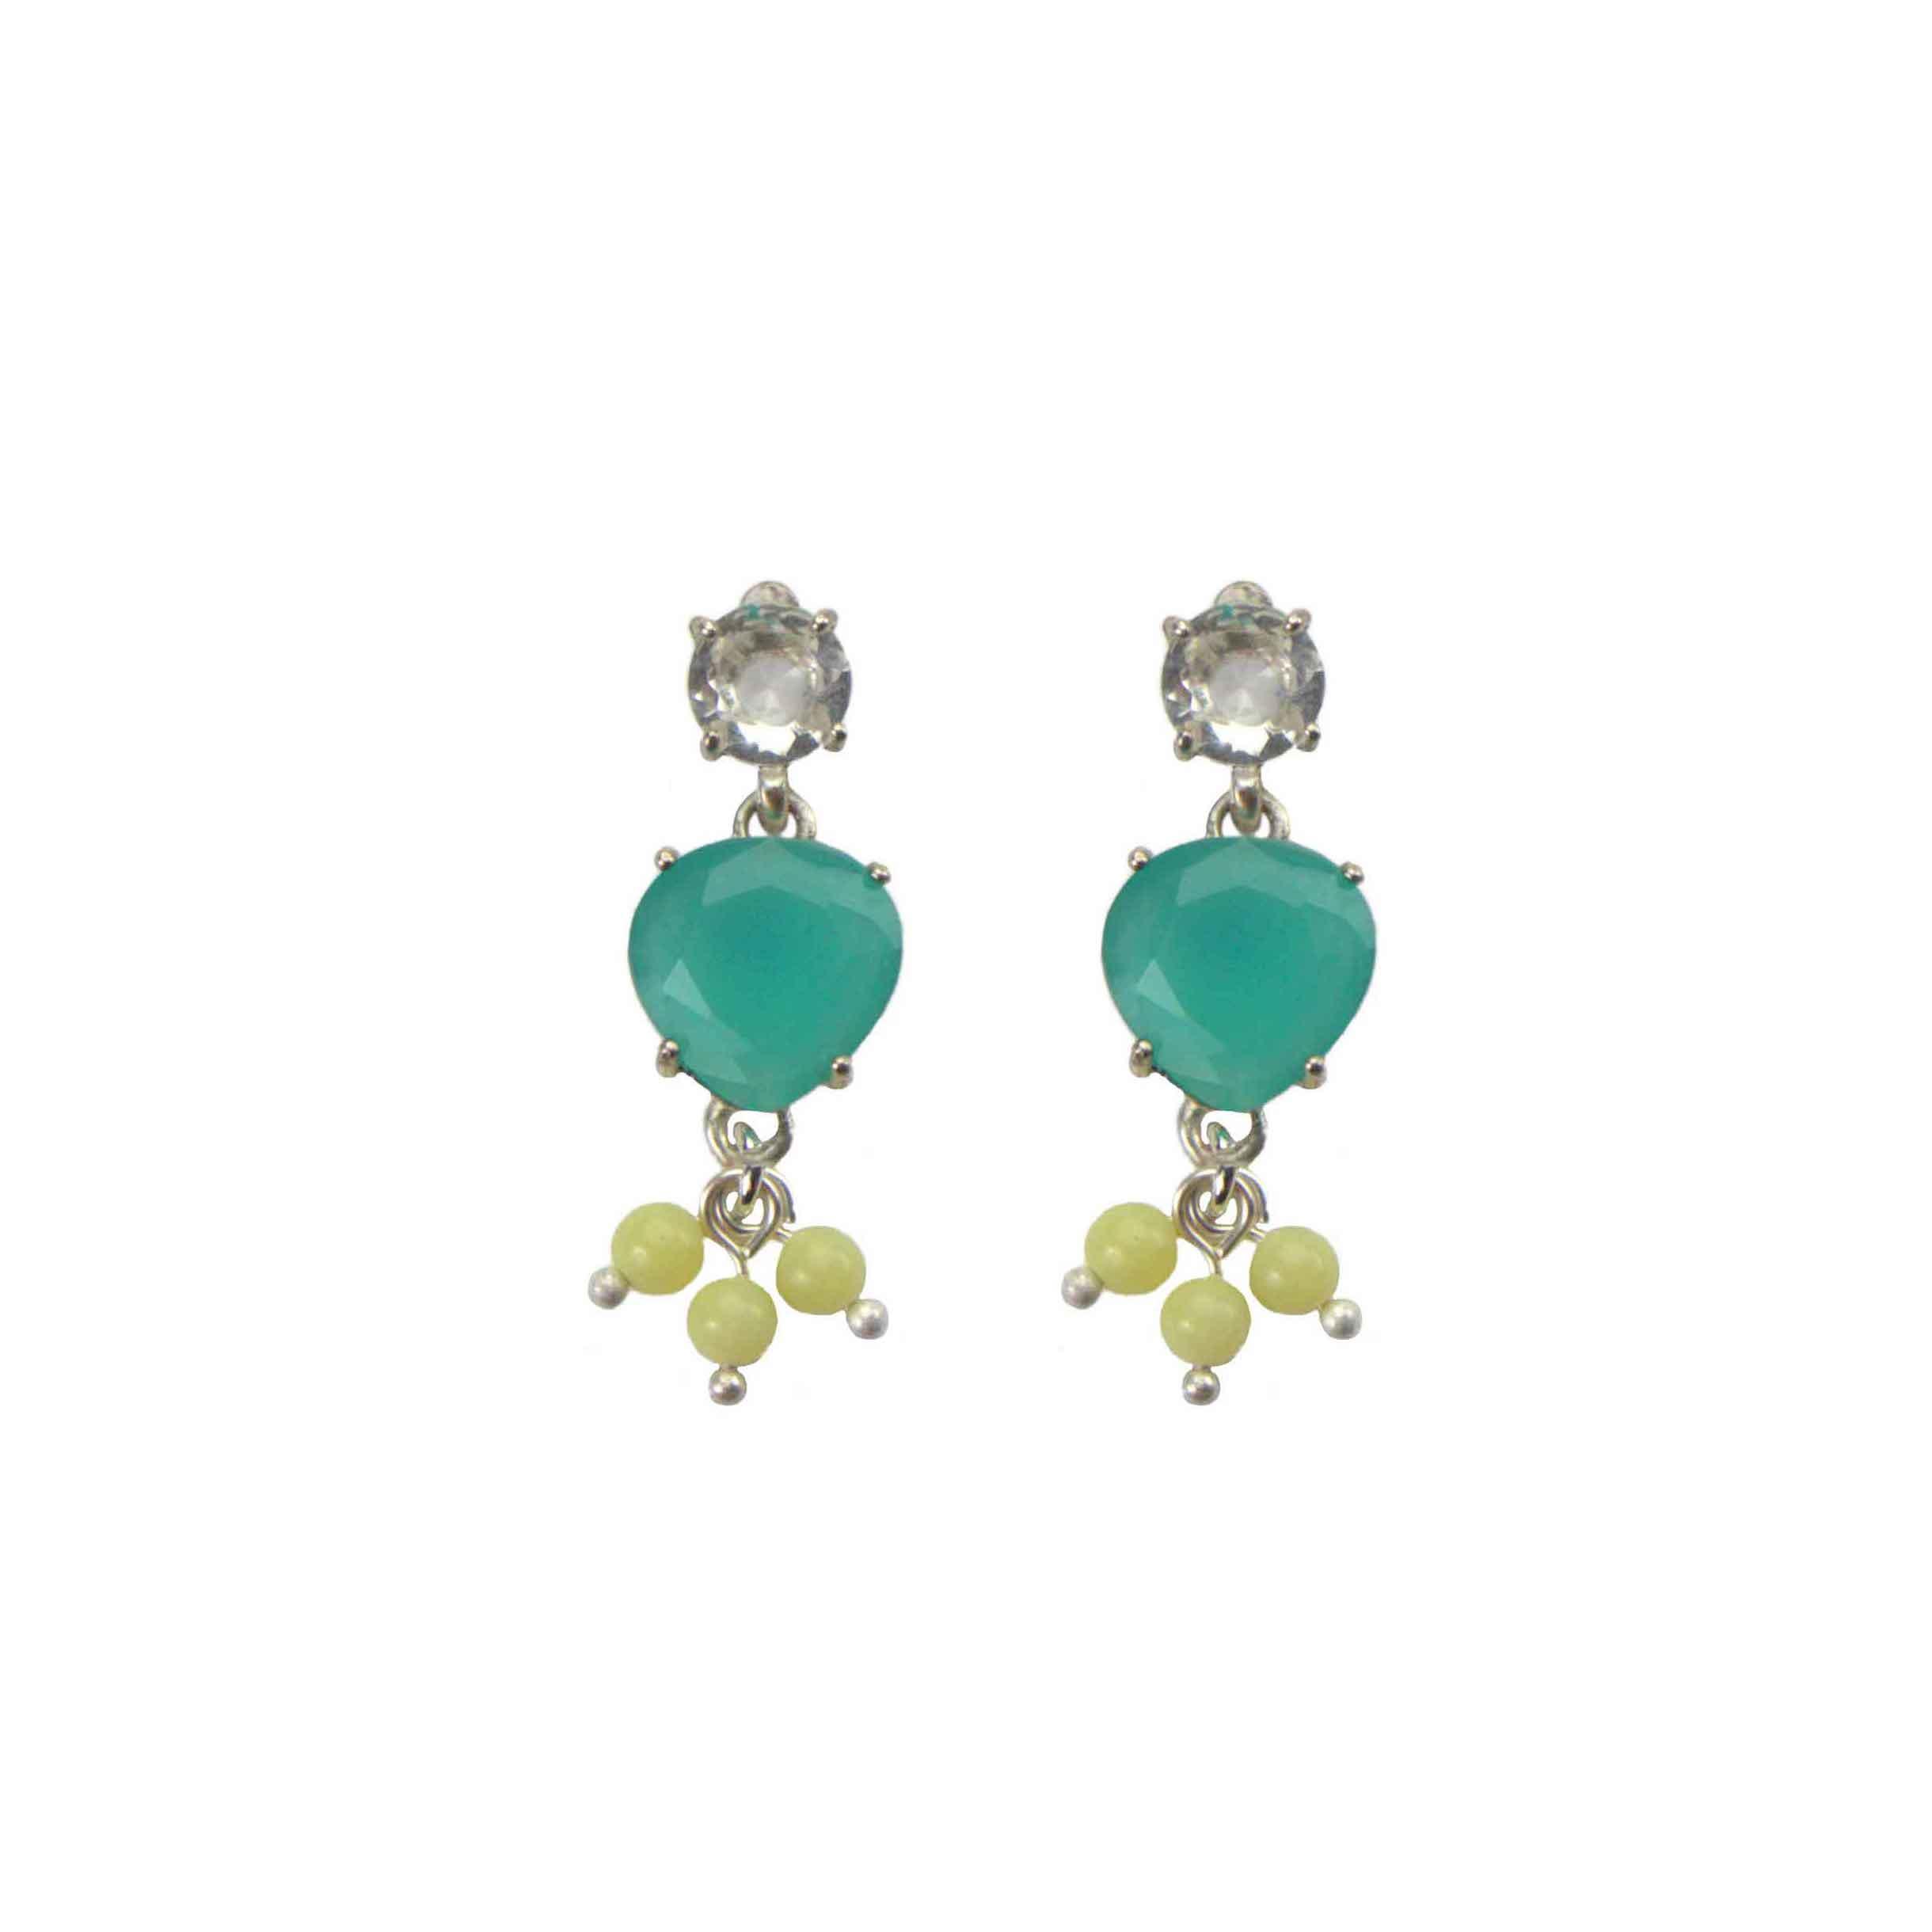 Hultquist Cyan Glass Stud Earrings Silver 04611-S